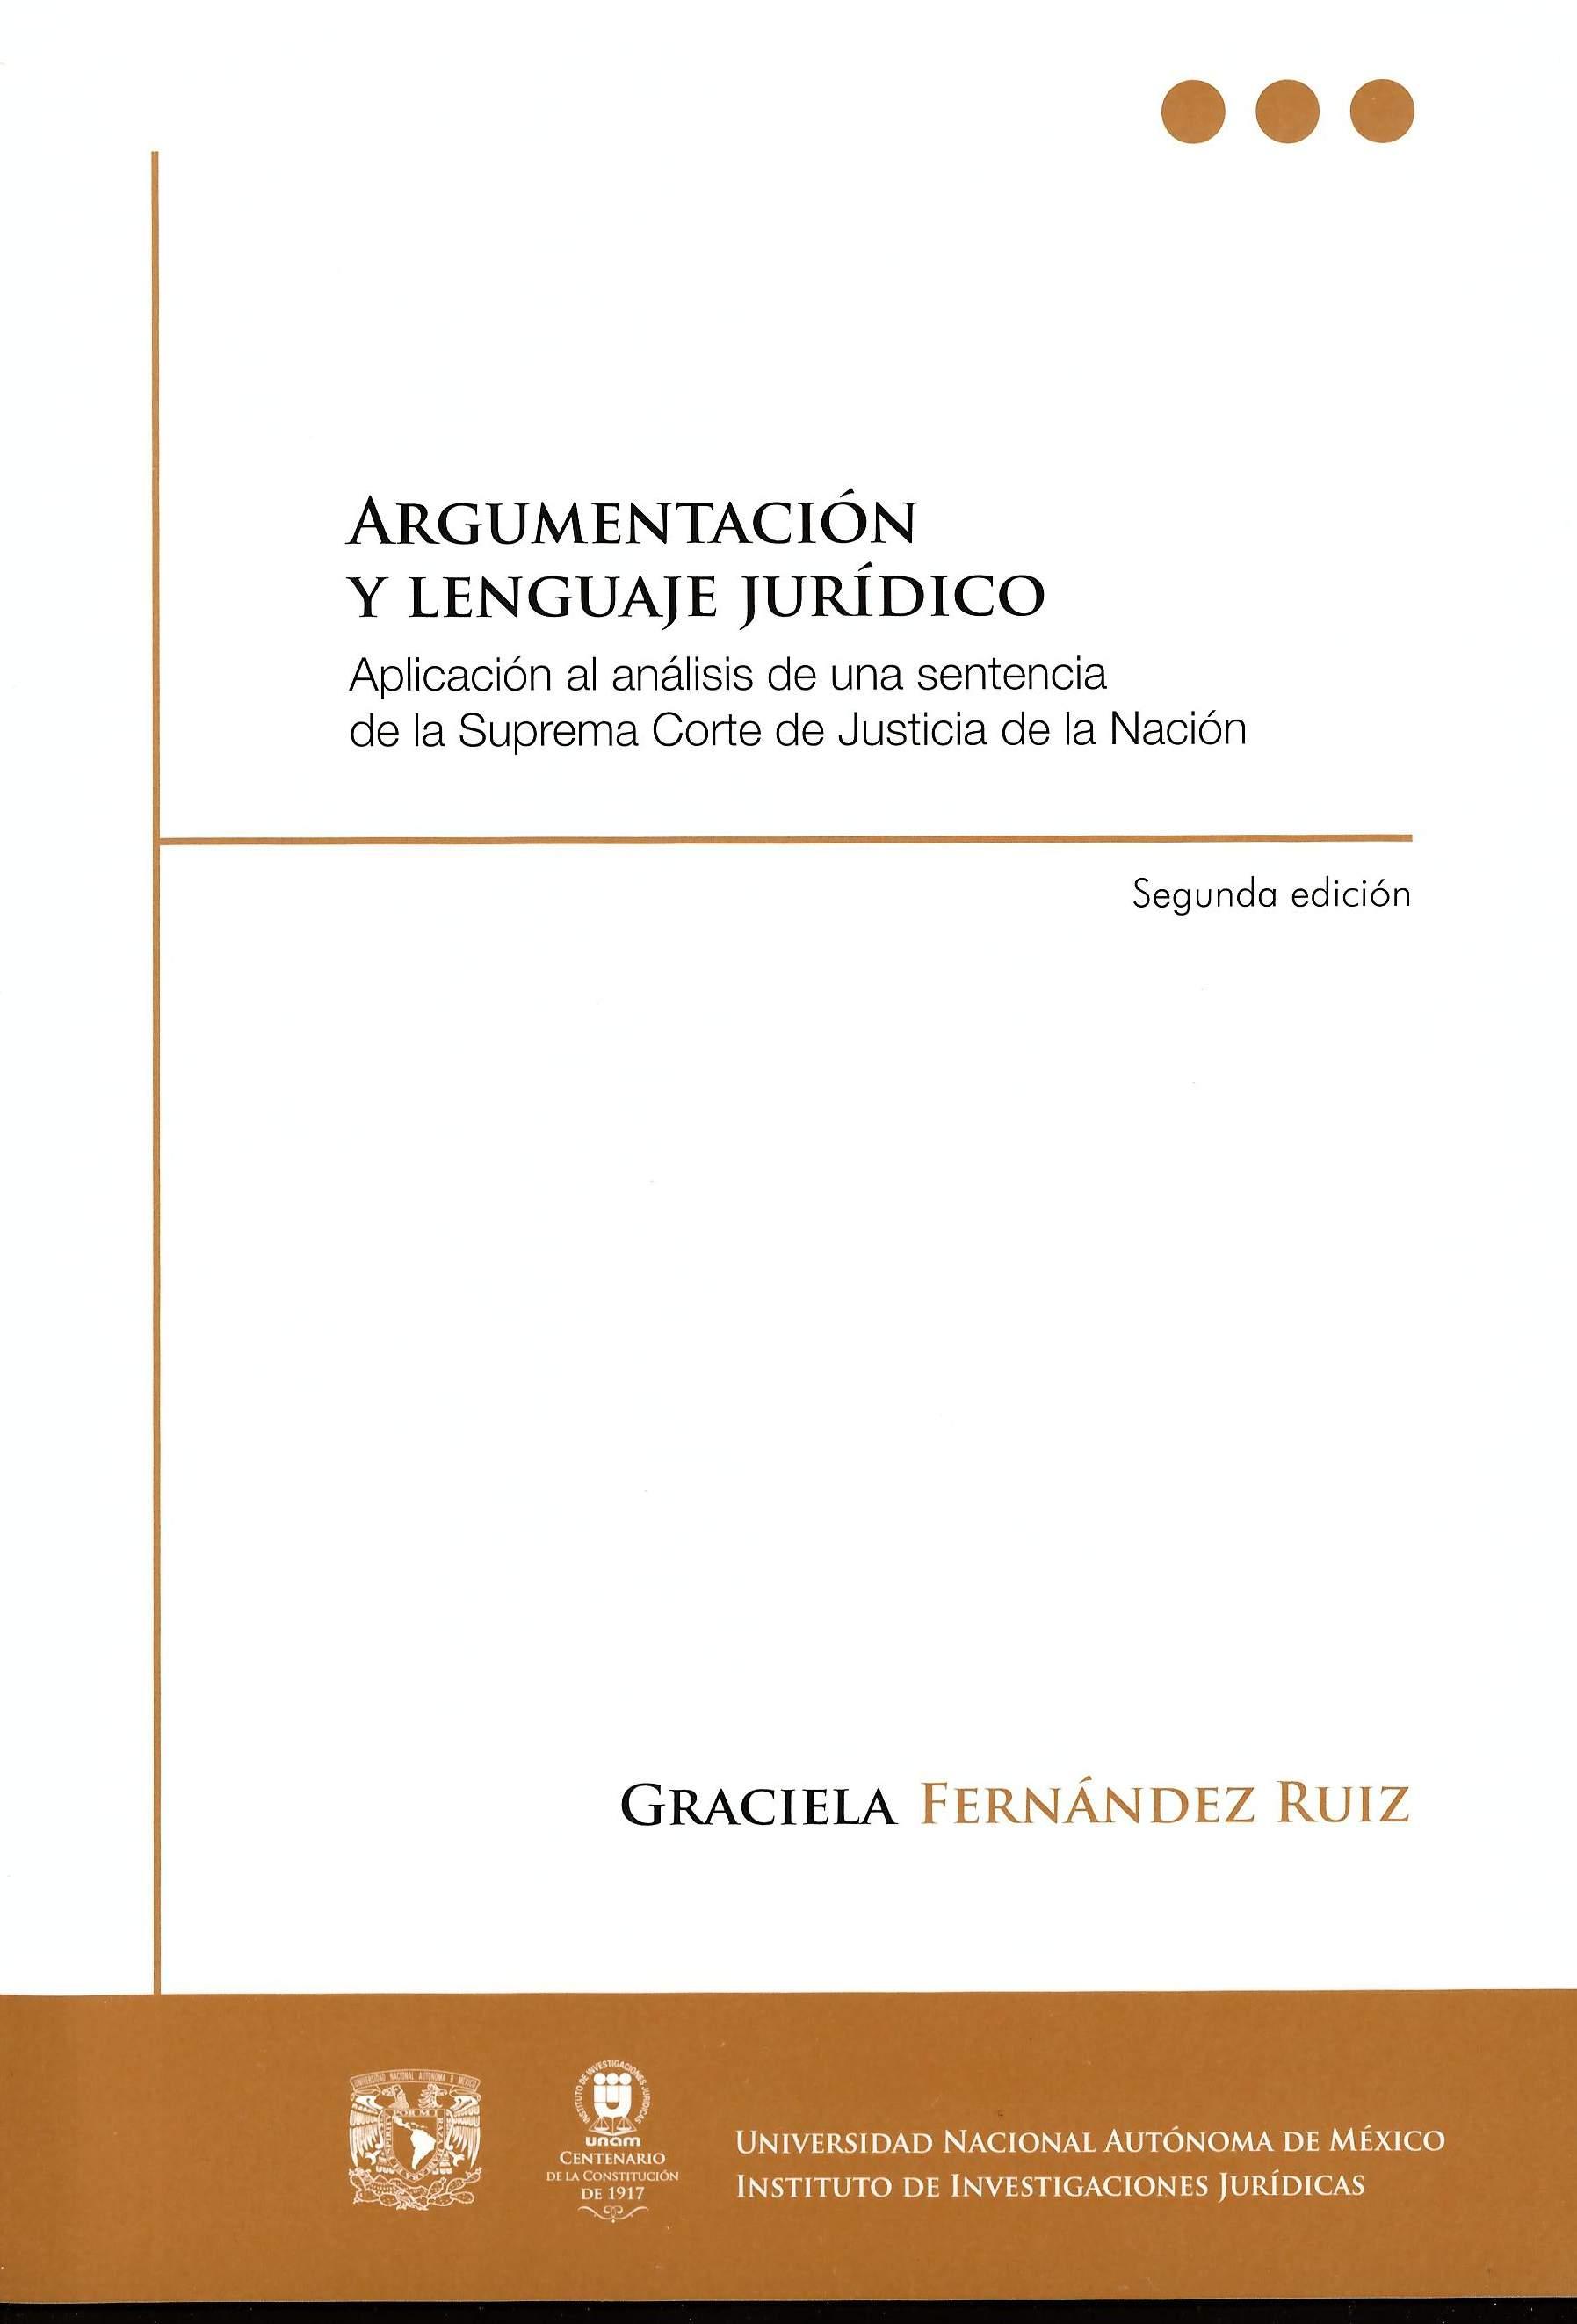 Argumentación y lenguaje jurídico